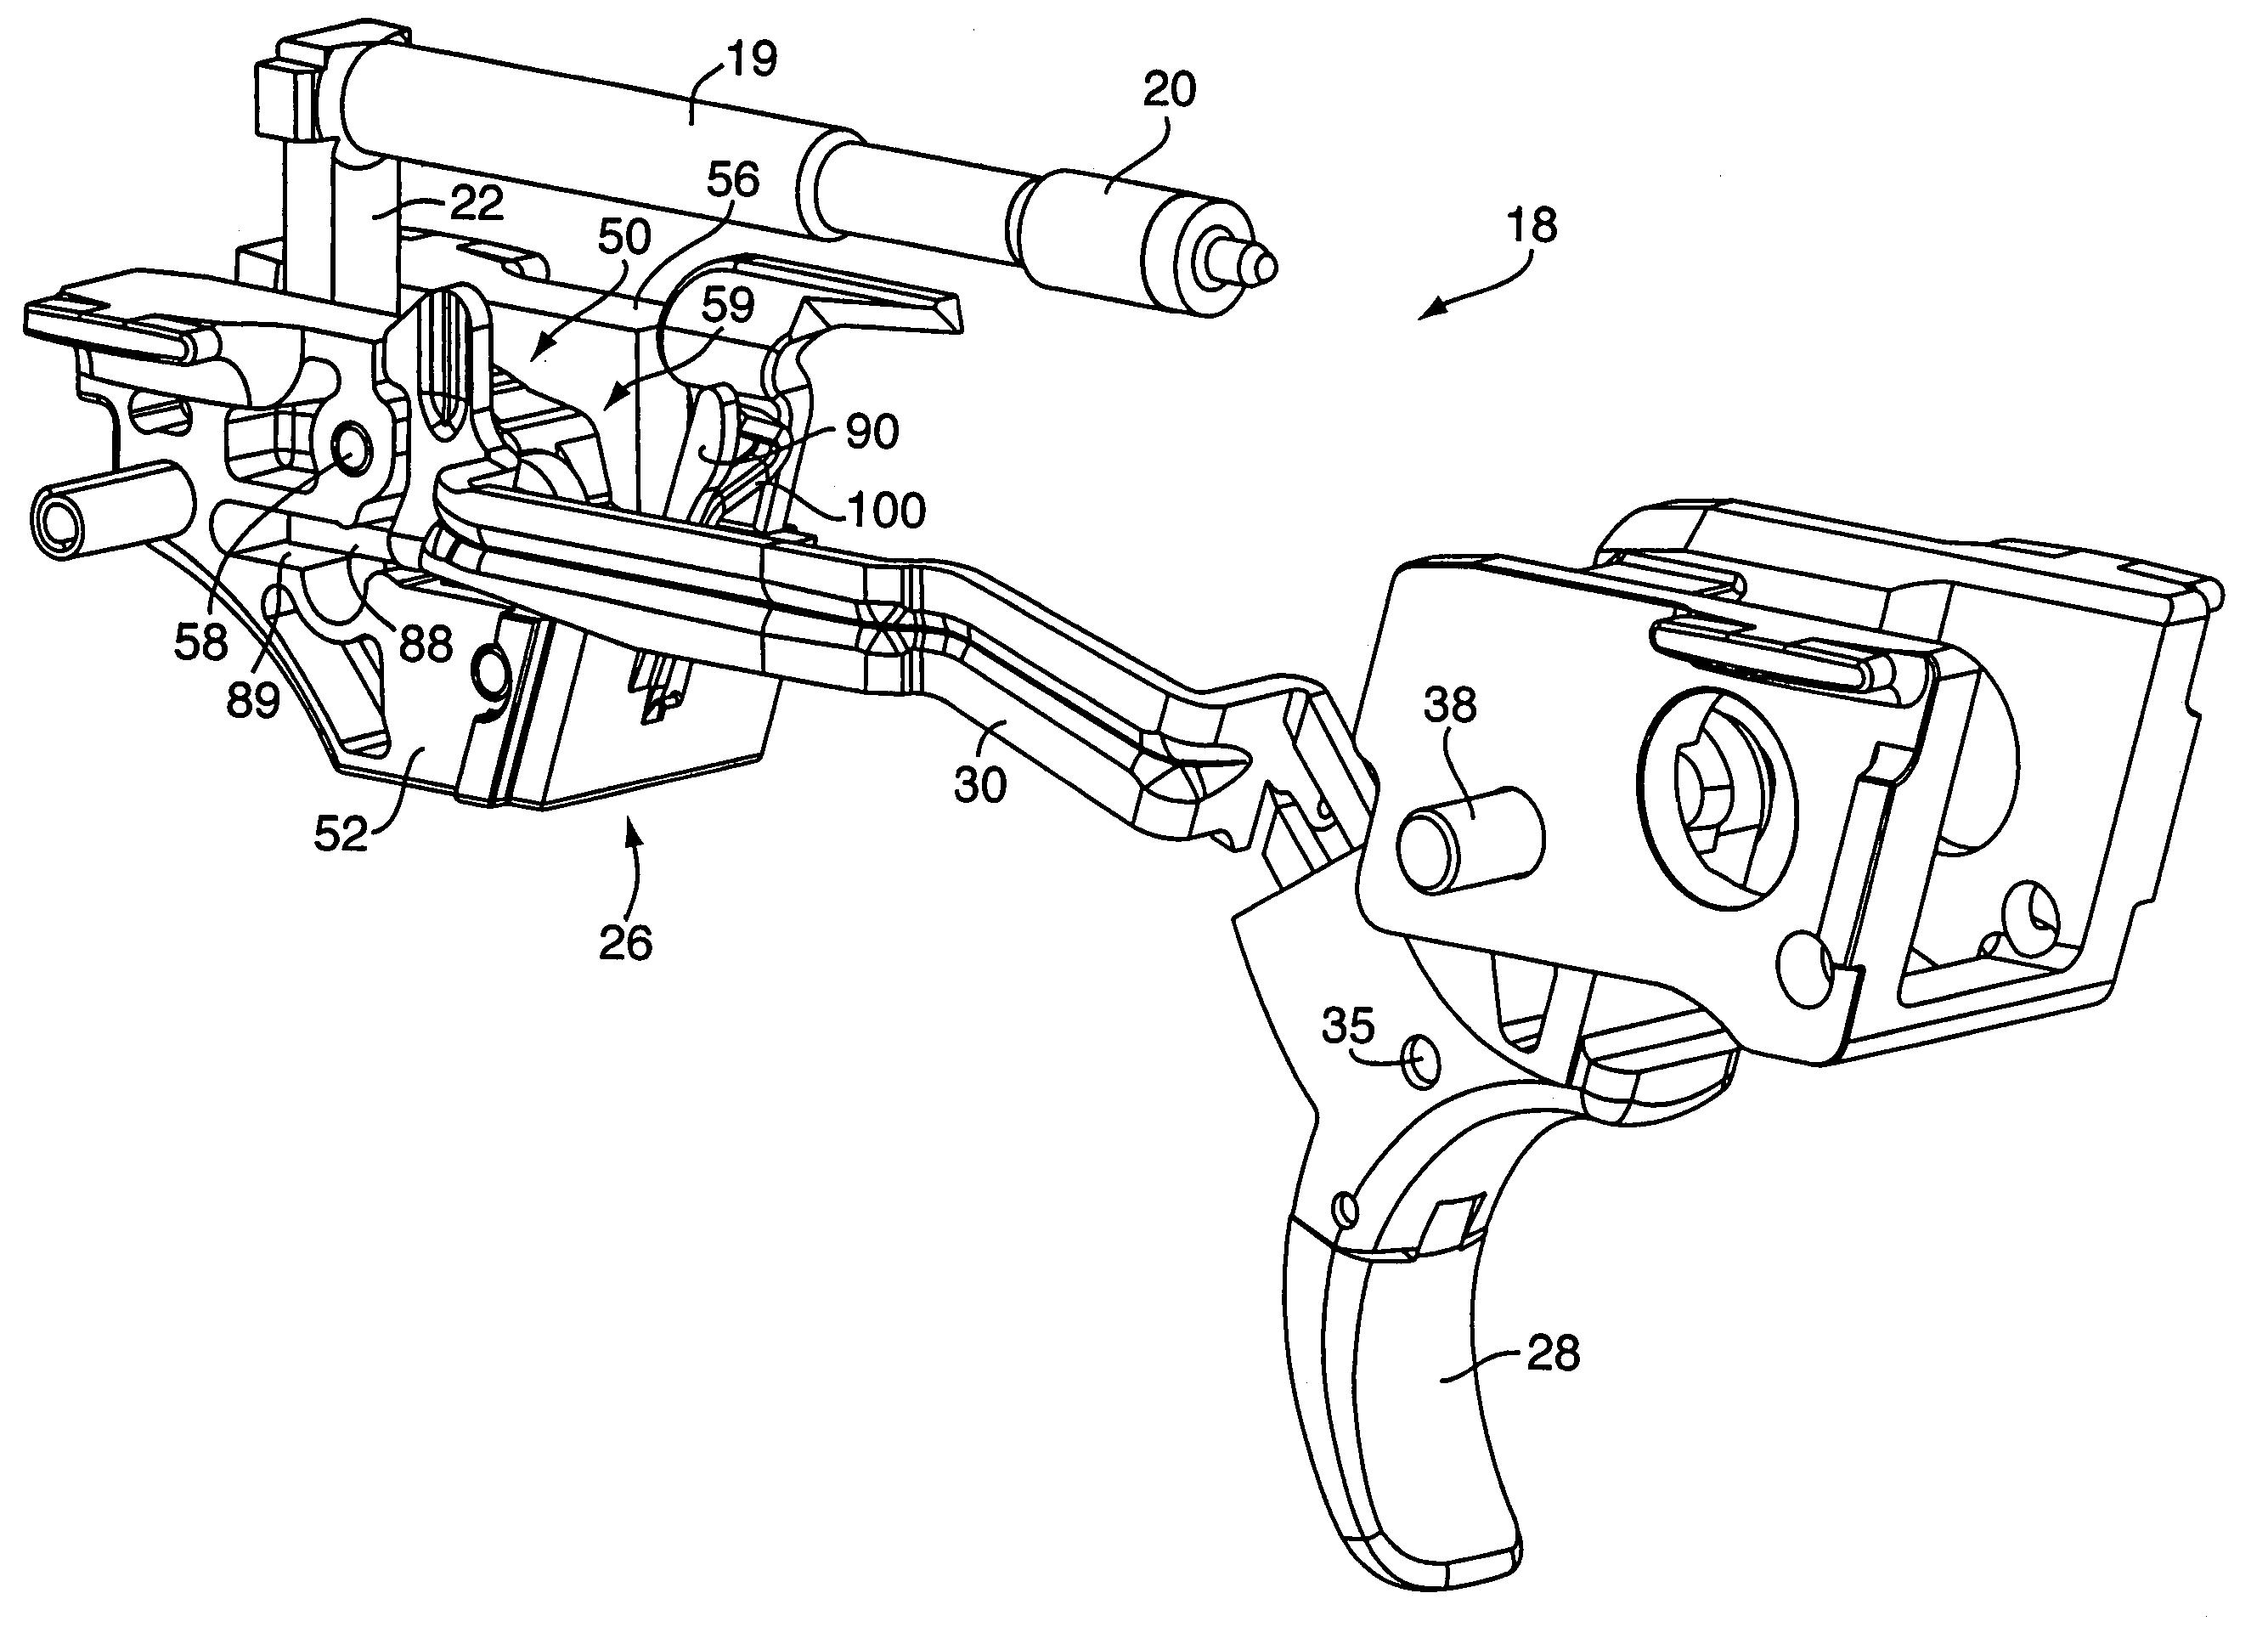 Glock 17 Parts Diagram Sketch Coloring Page